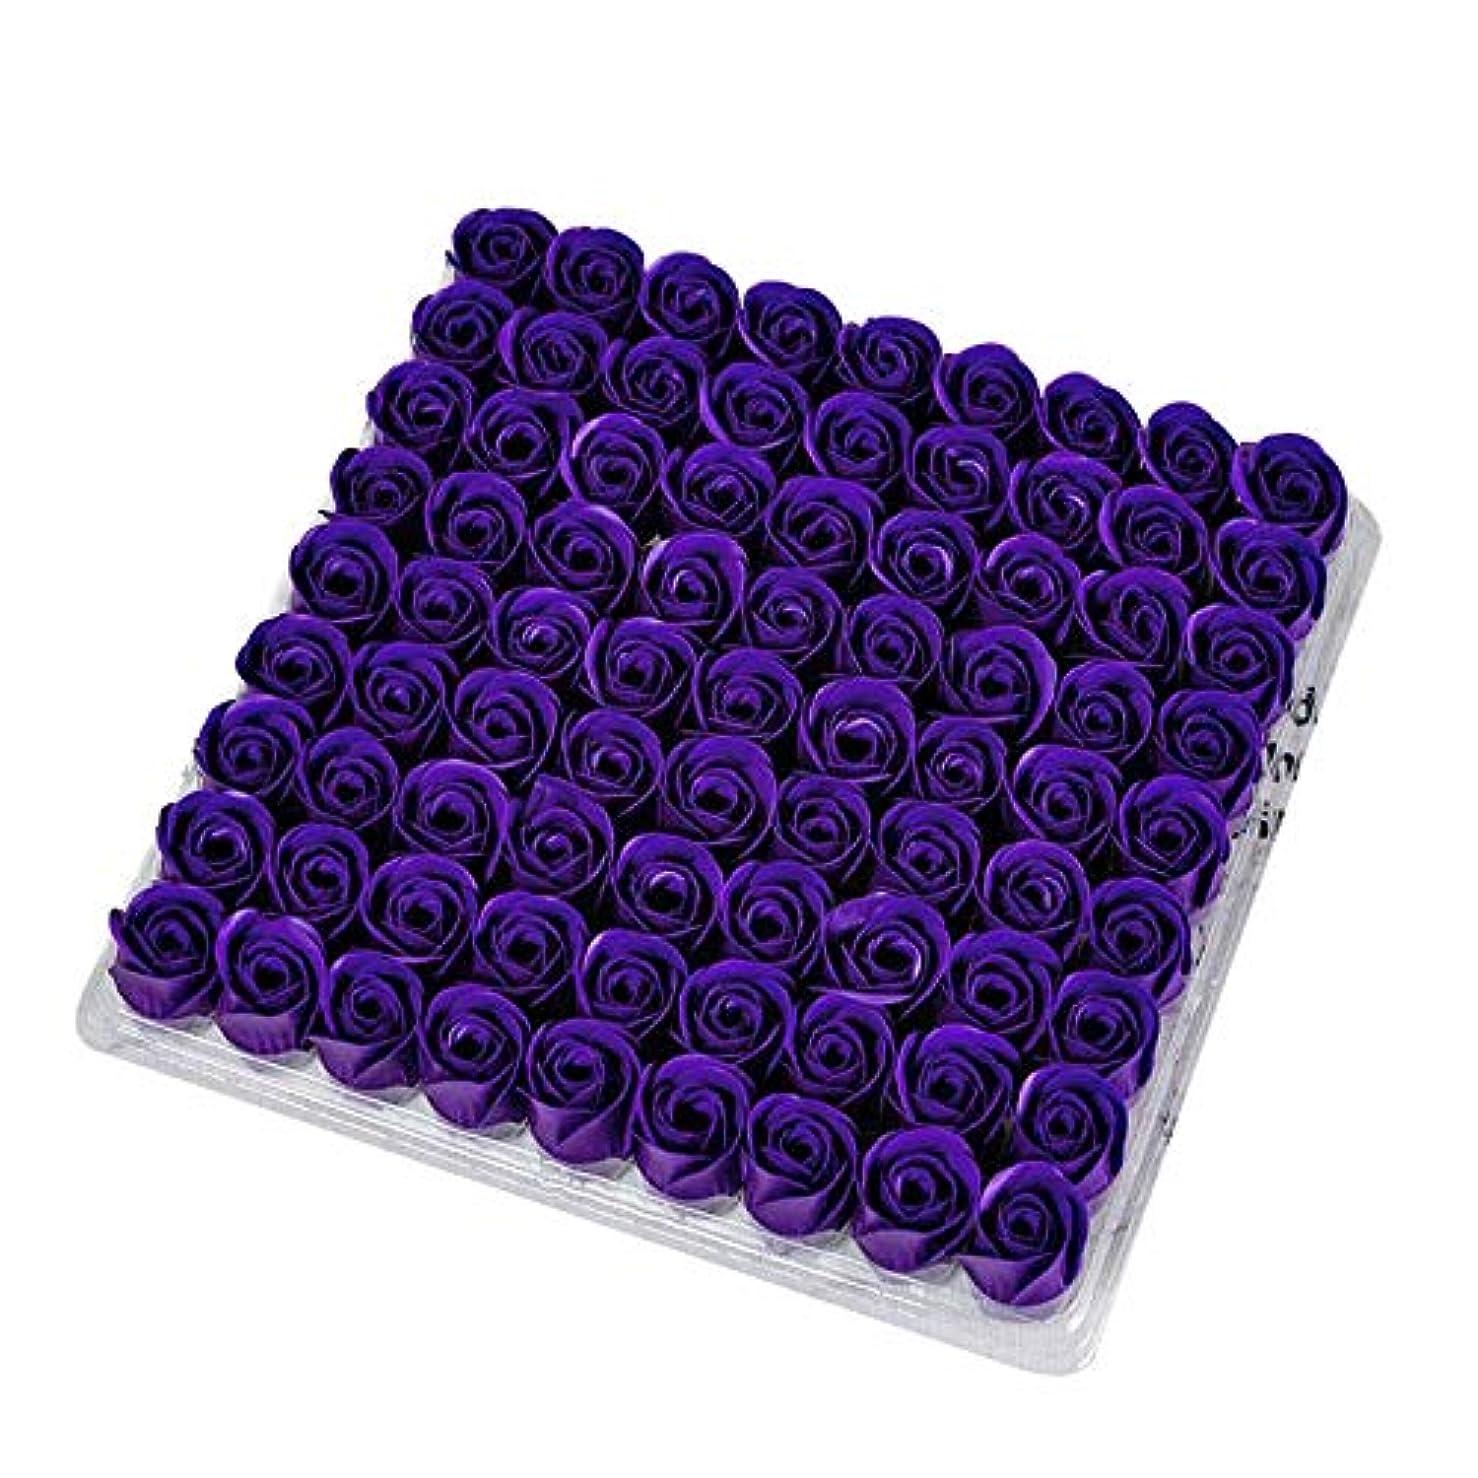 超高層ビル足誤解を招くCUHAWUDBA 81個の薔薇 フローラルの石けん 香りのよいローズフラワー エッセンシャルオイル フローラルのお客様への石鹸 ウェディング、パーティー、バレンタインデーの贈り物、紫色